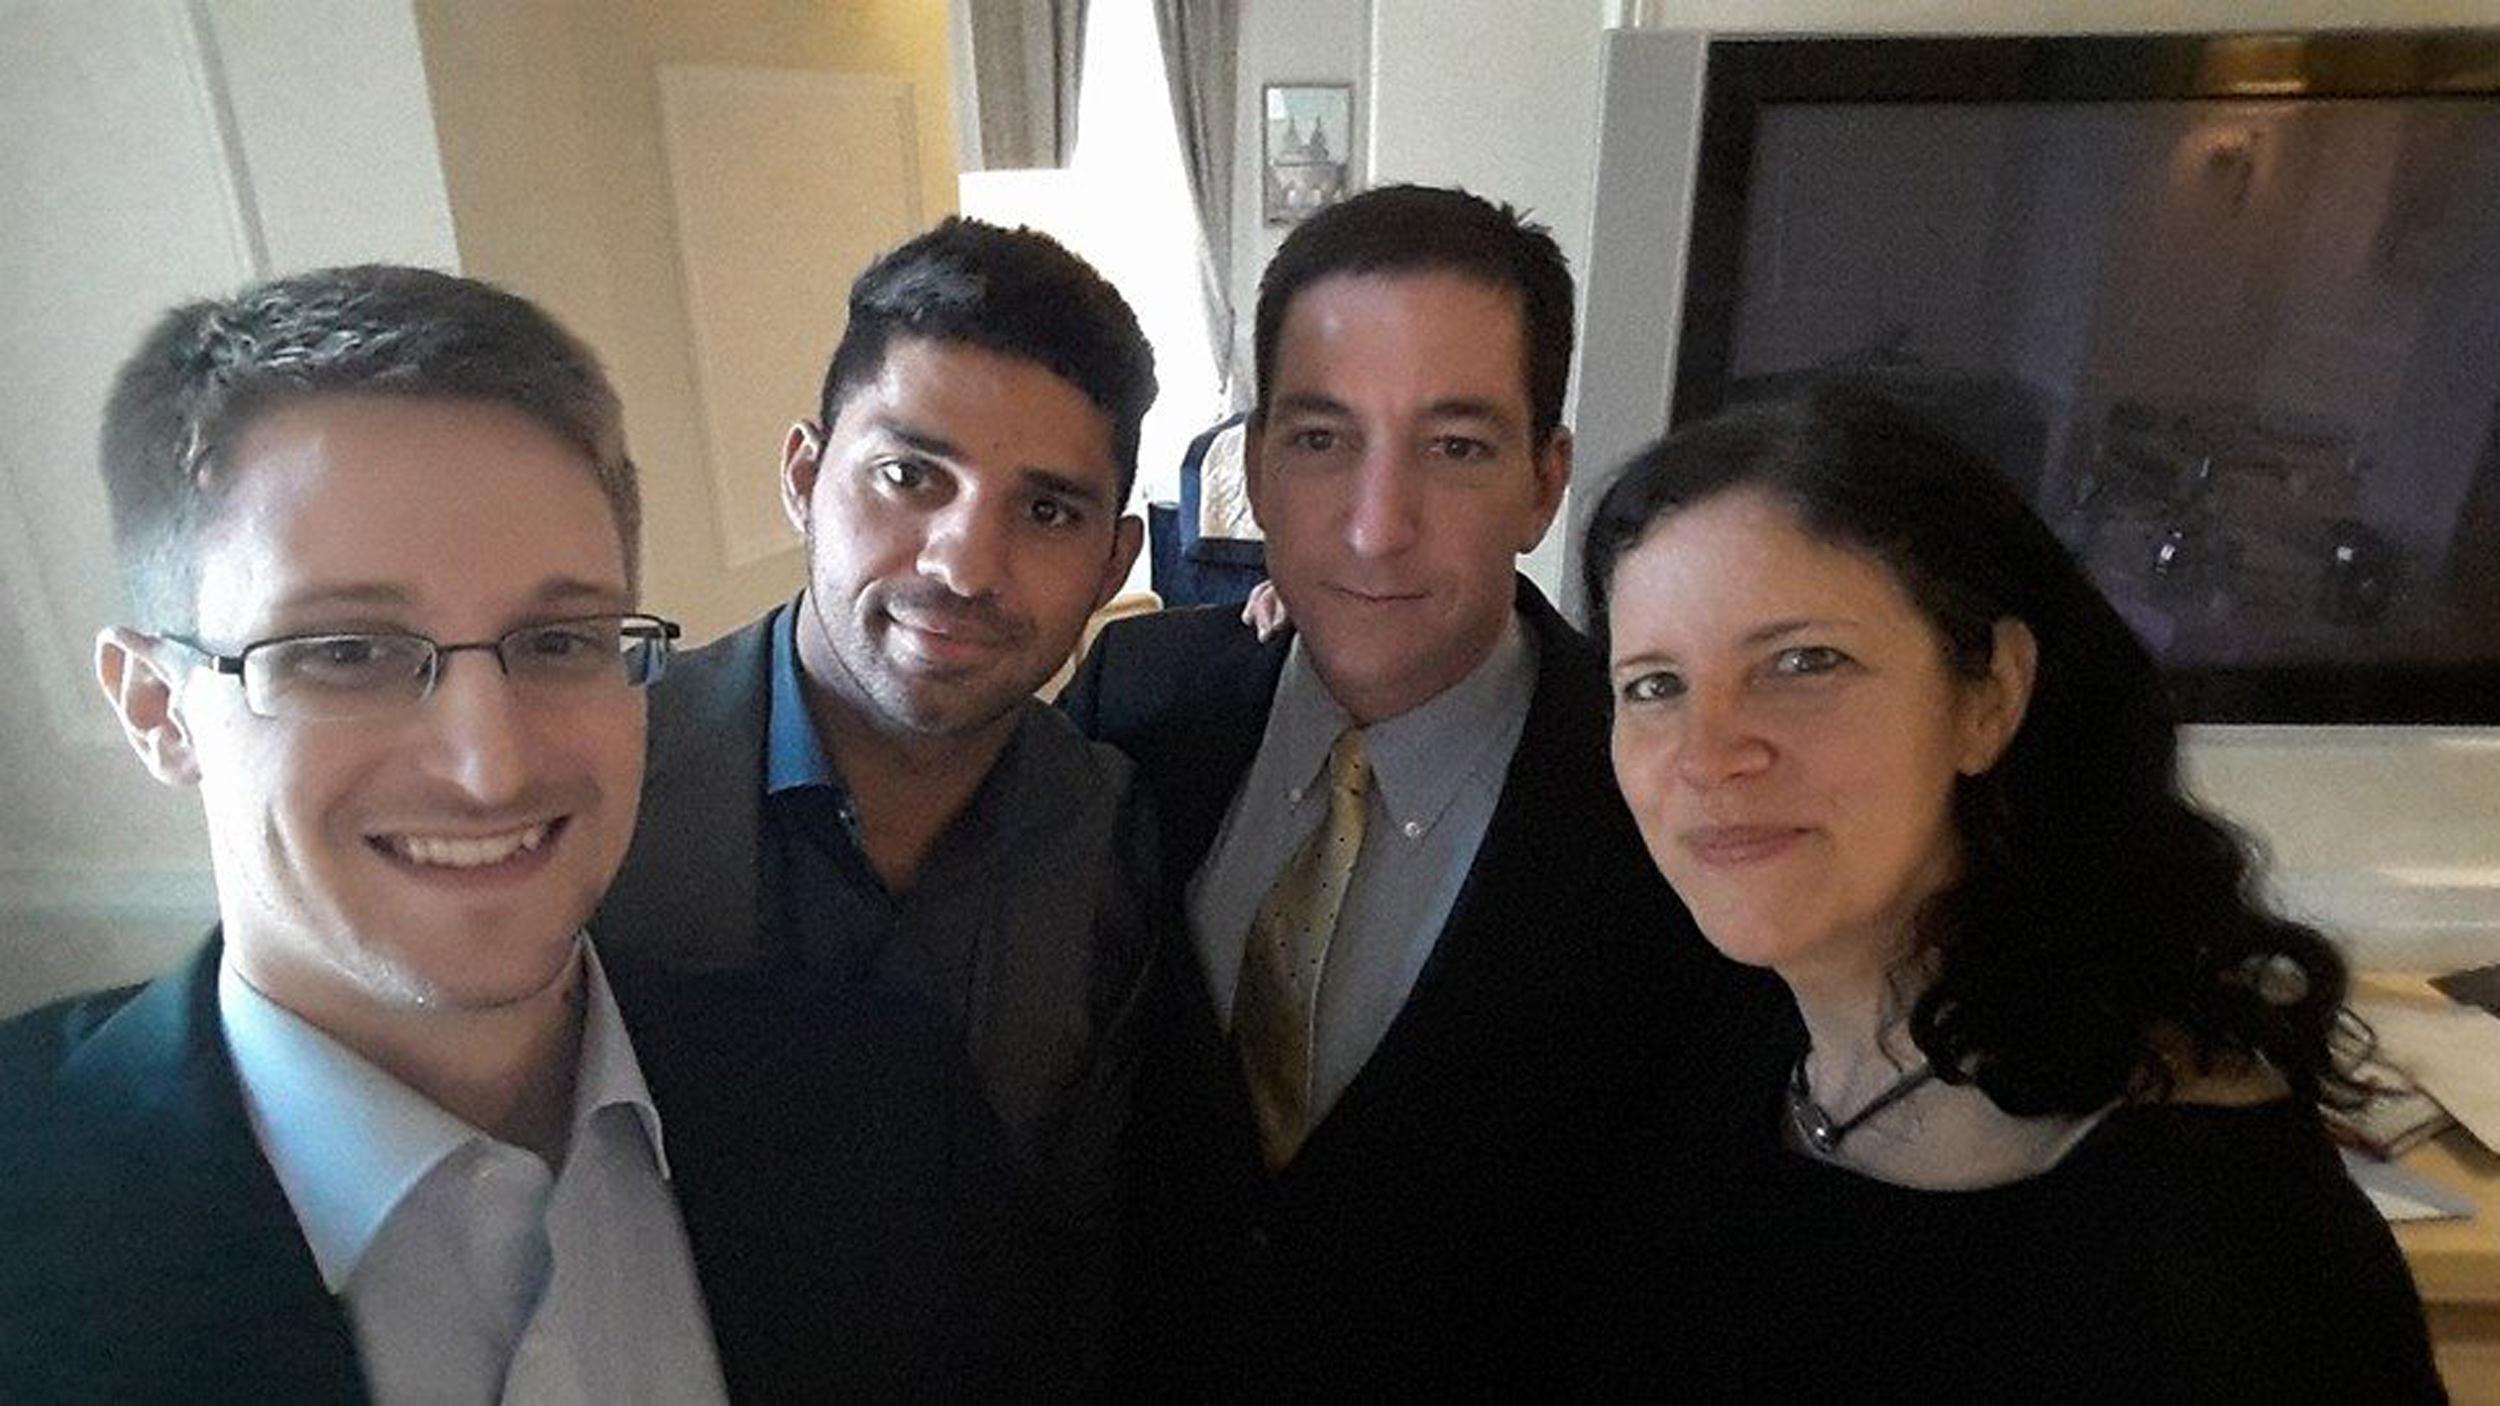 Image: Snowden selfie